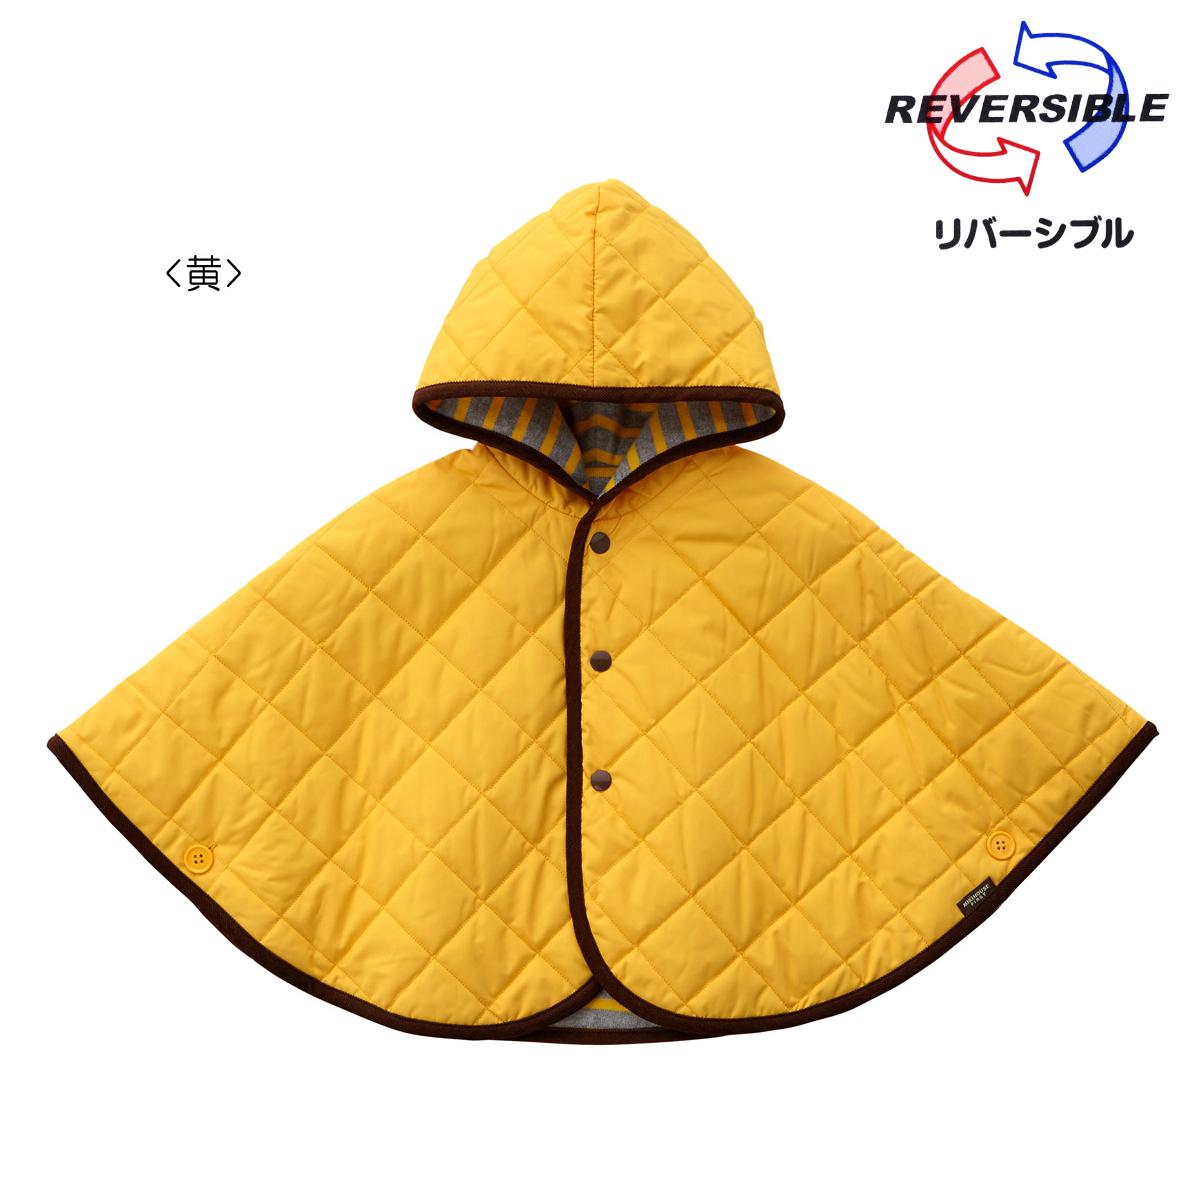 キルティング☆リバーシブルマント〈フリー(70cm-90cm)〉